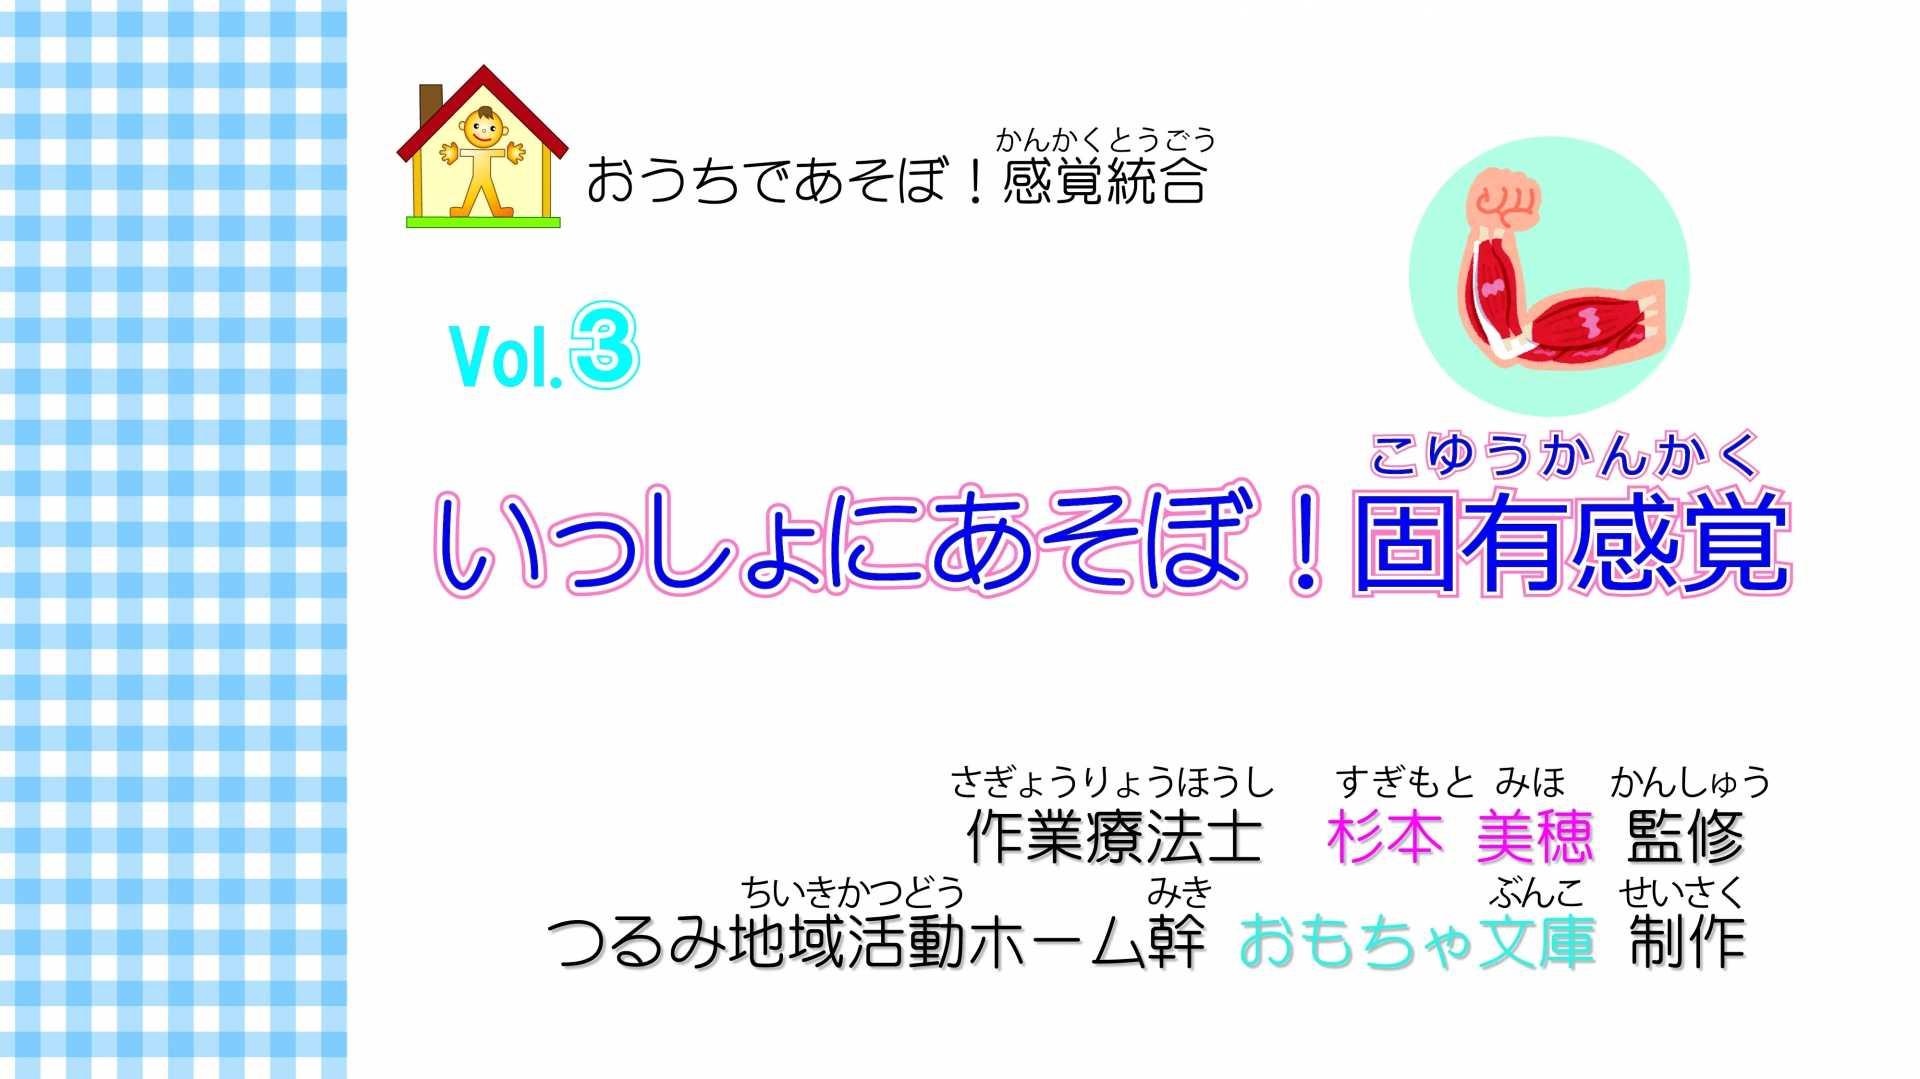 ひらがなver. おうちであそぼ!感覚統合Vol.3